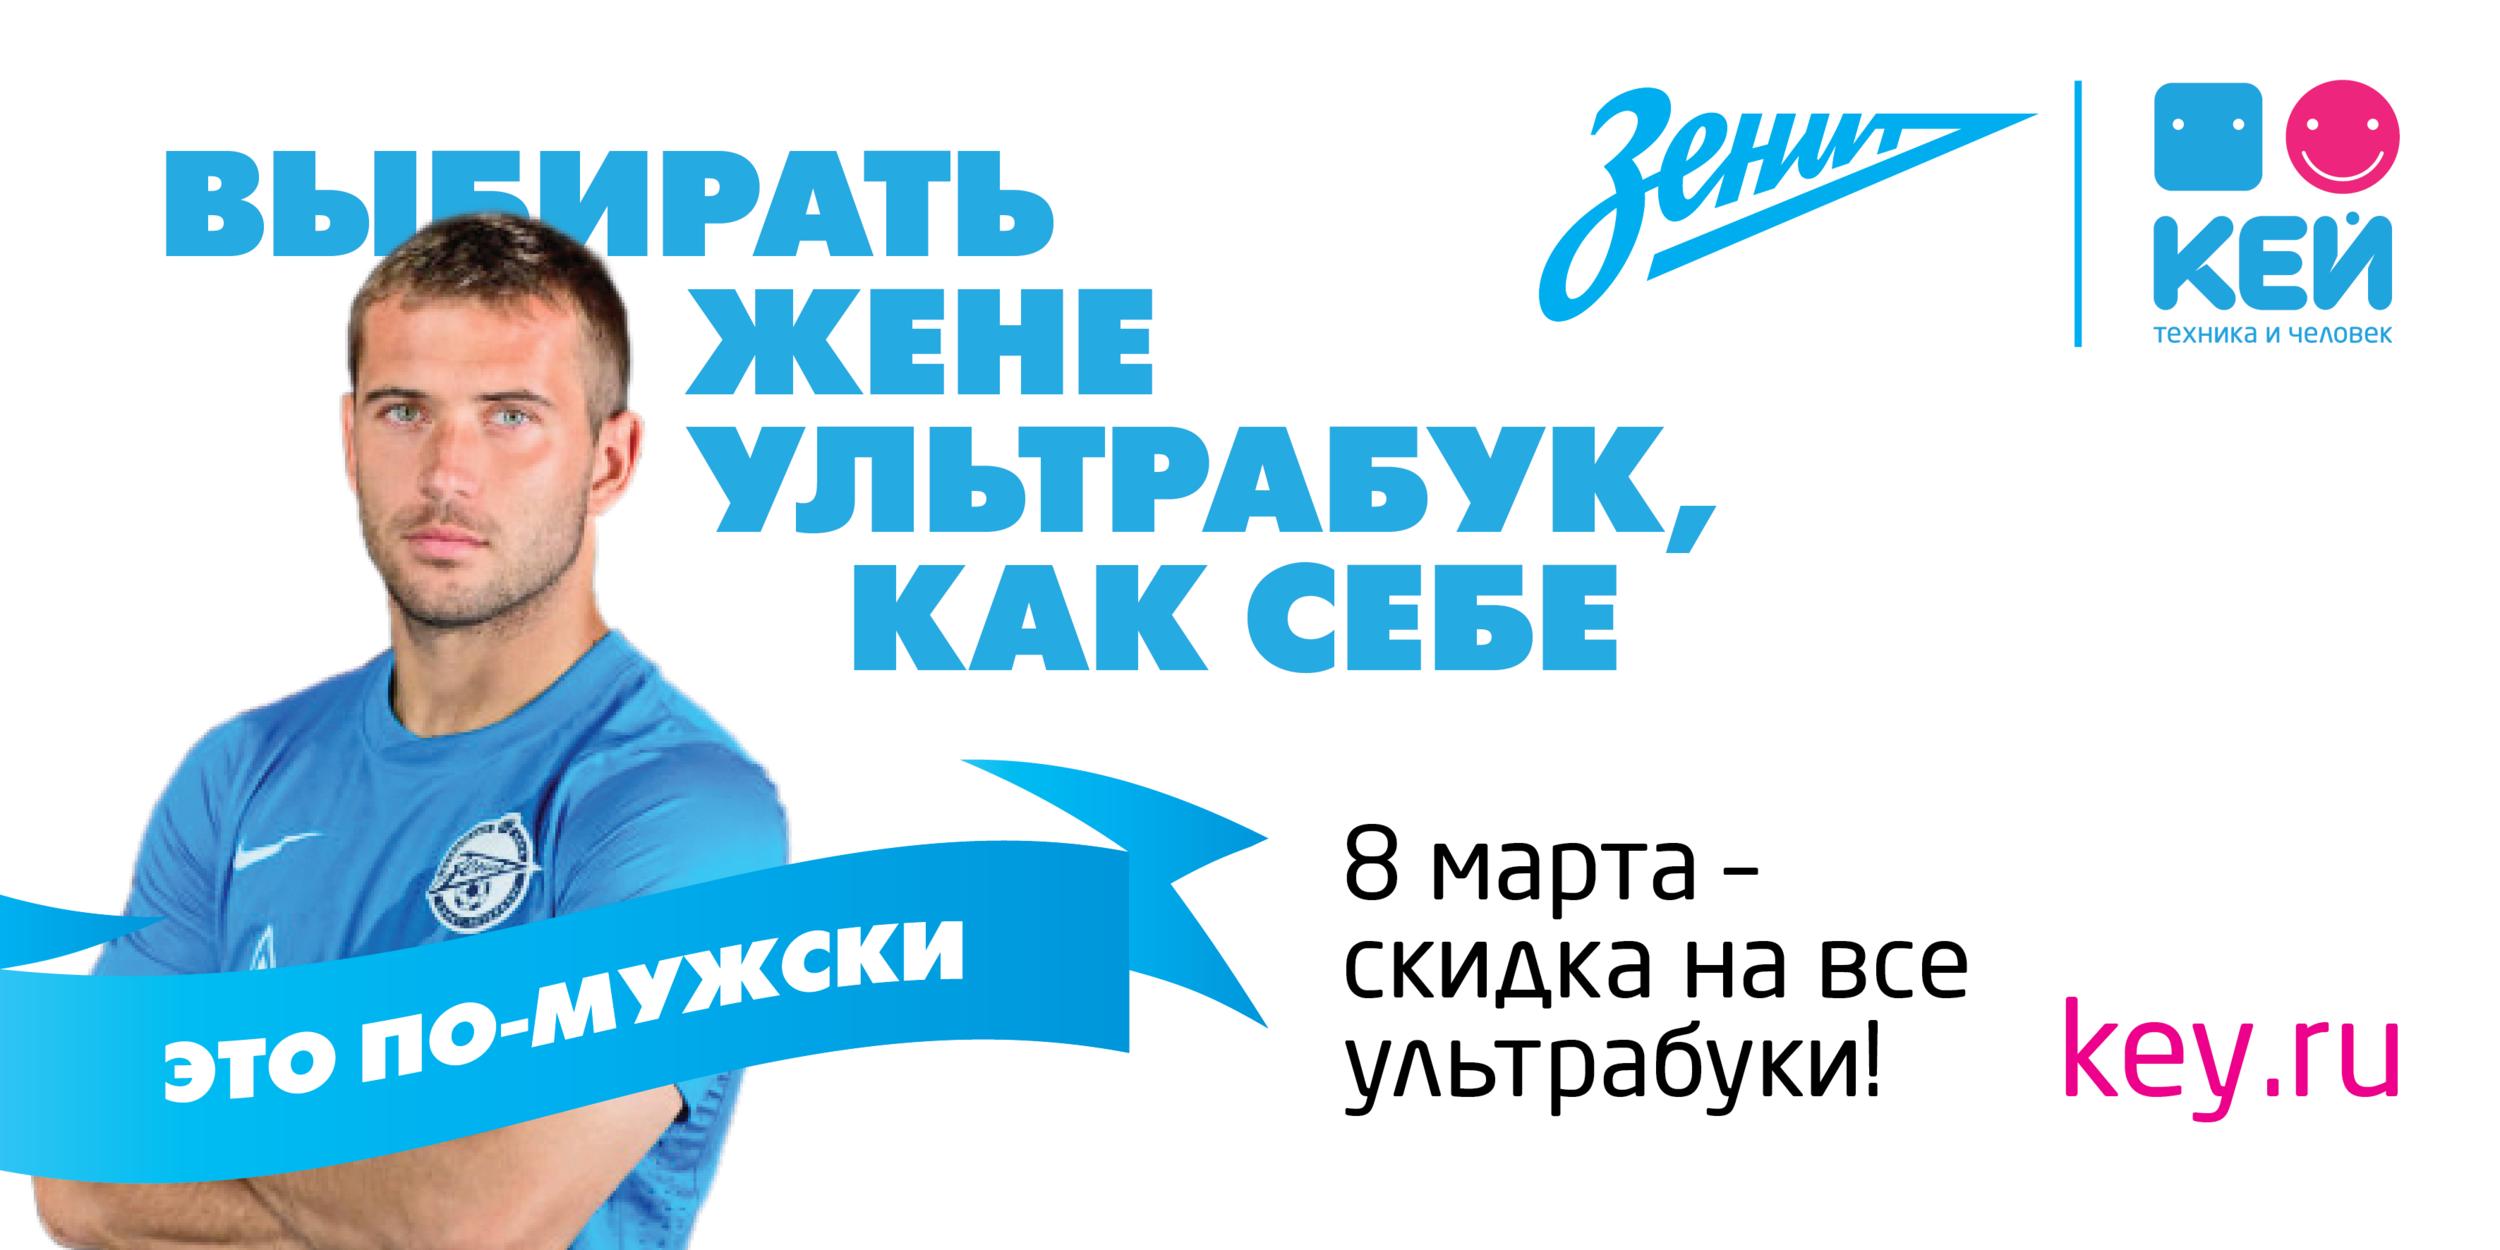 Key_Zenit_Artboard 45.png